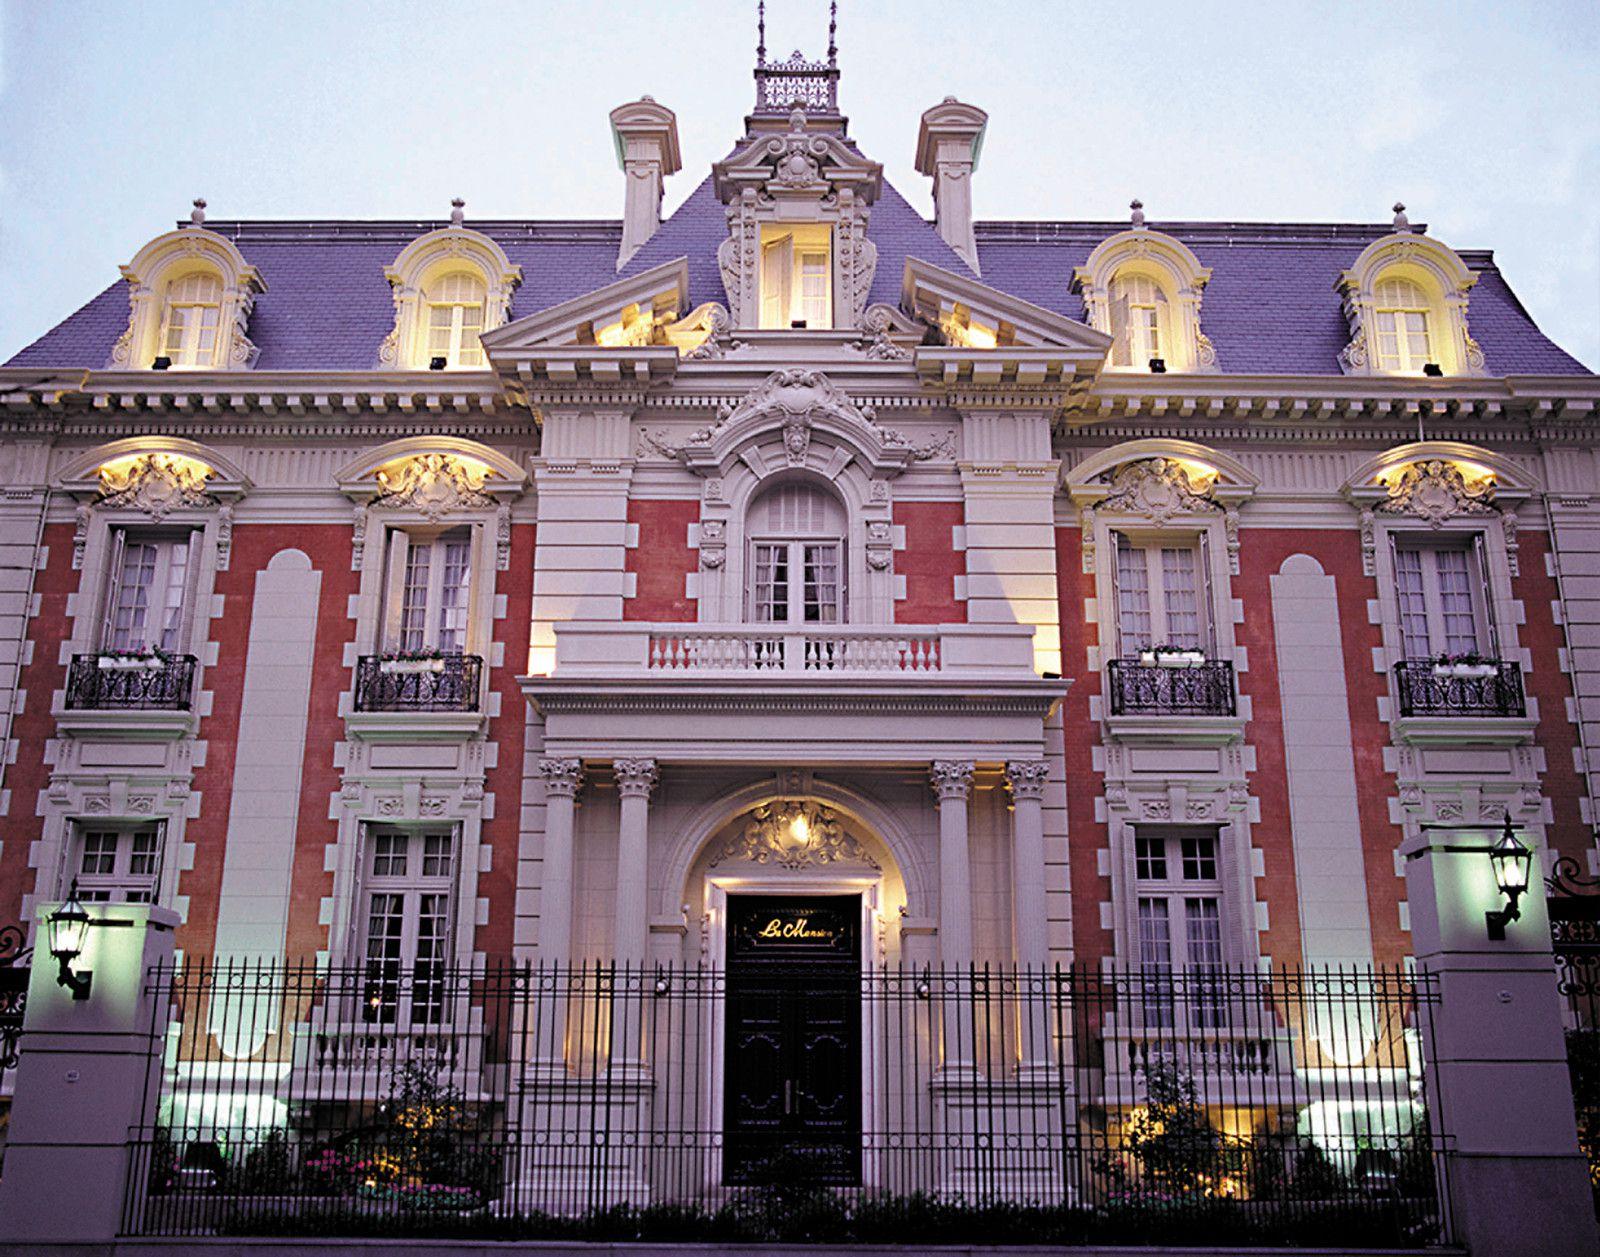 El Palacio Álzaga Unzué es una de las residencias más imponentes de la aristocracia de comienzos del siglo XX de la ciudad de Buenos Aires (Four Seasons)